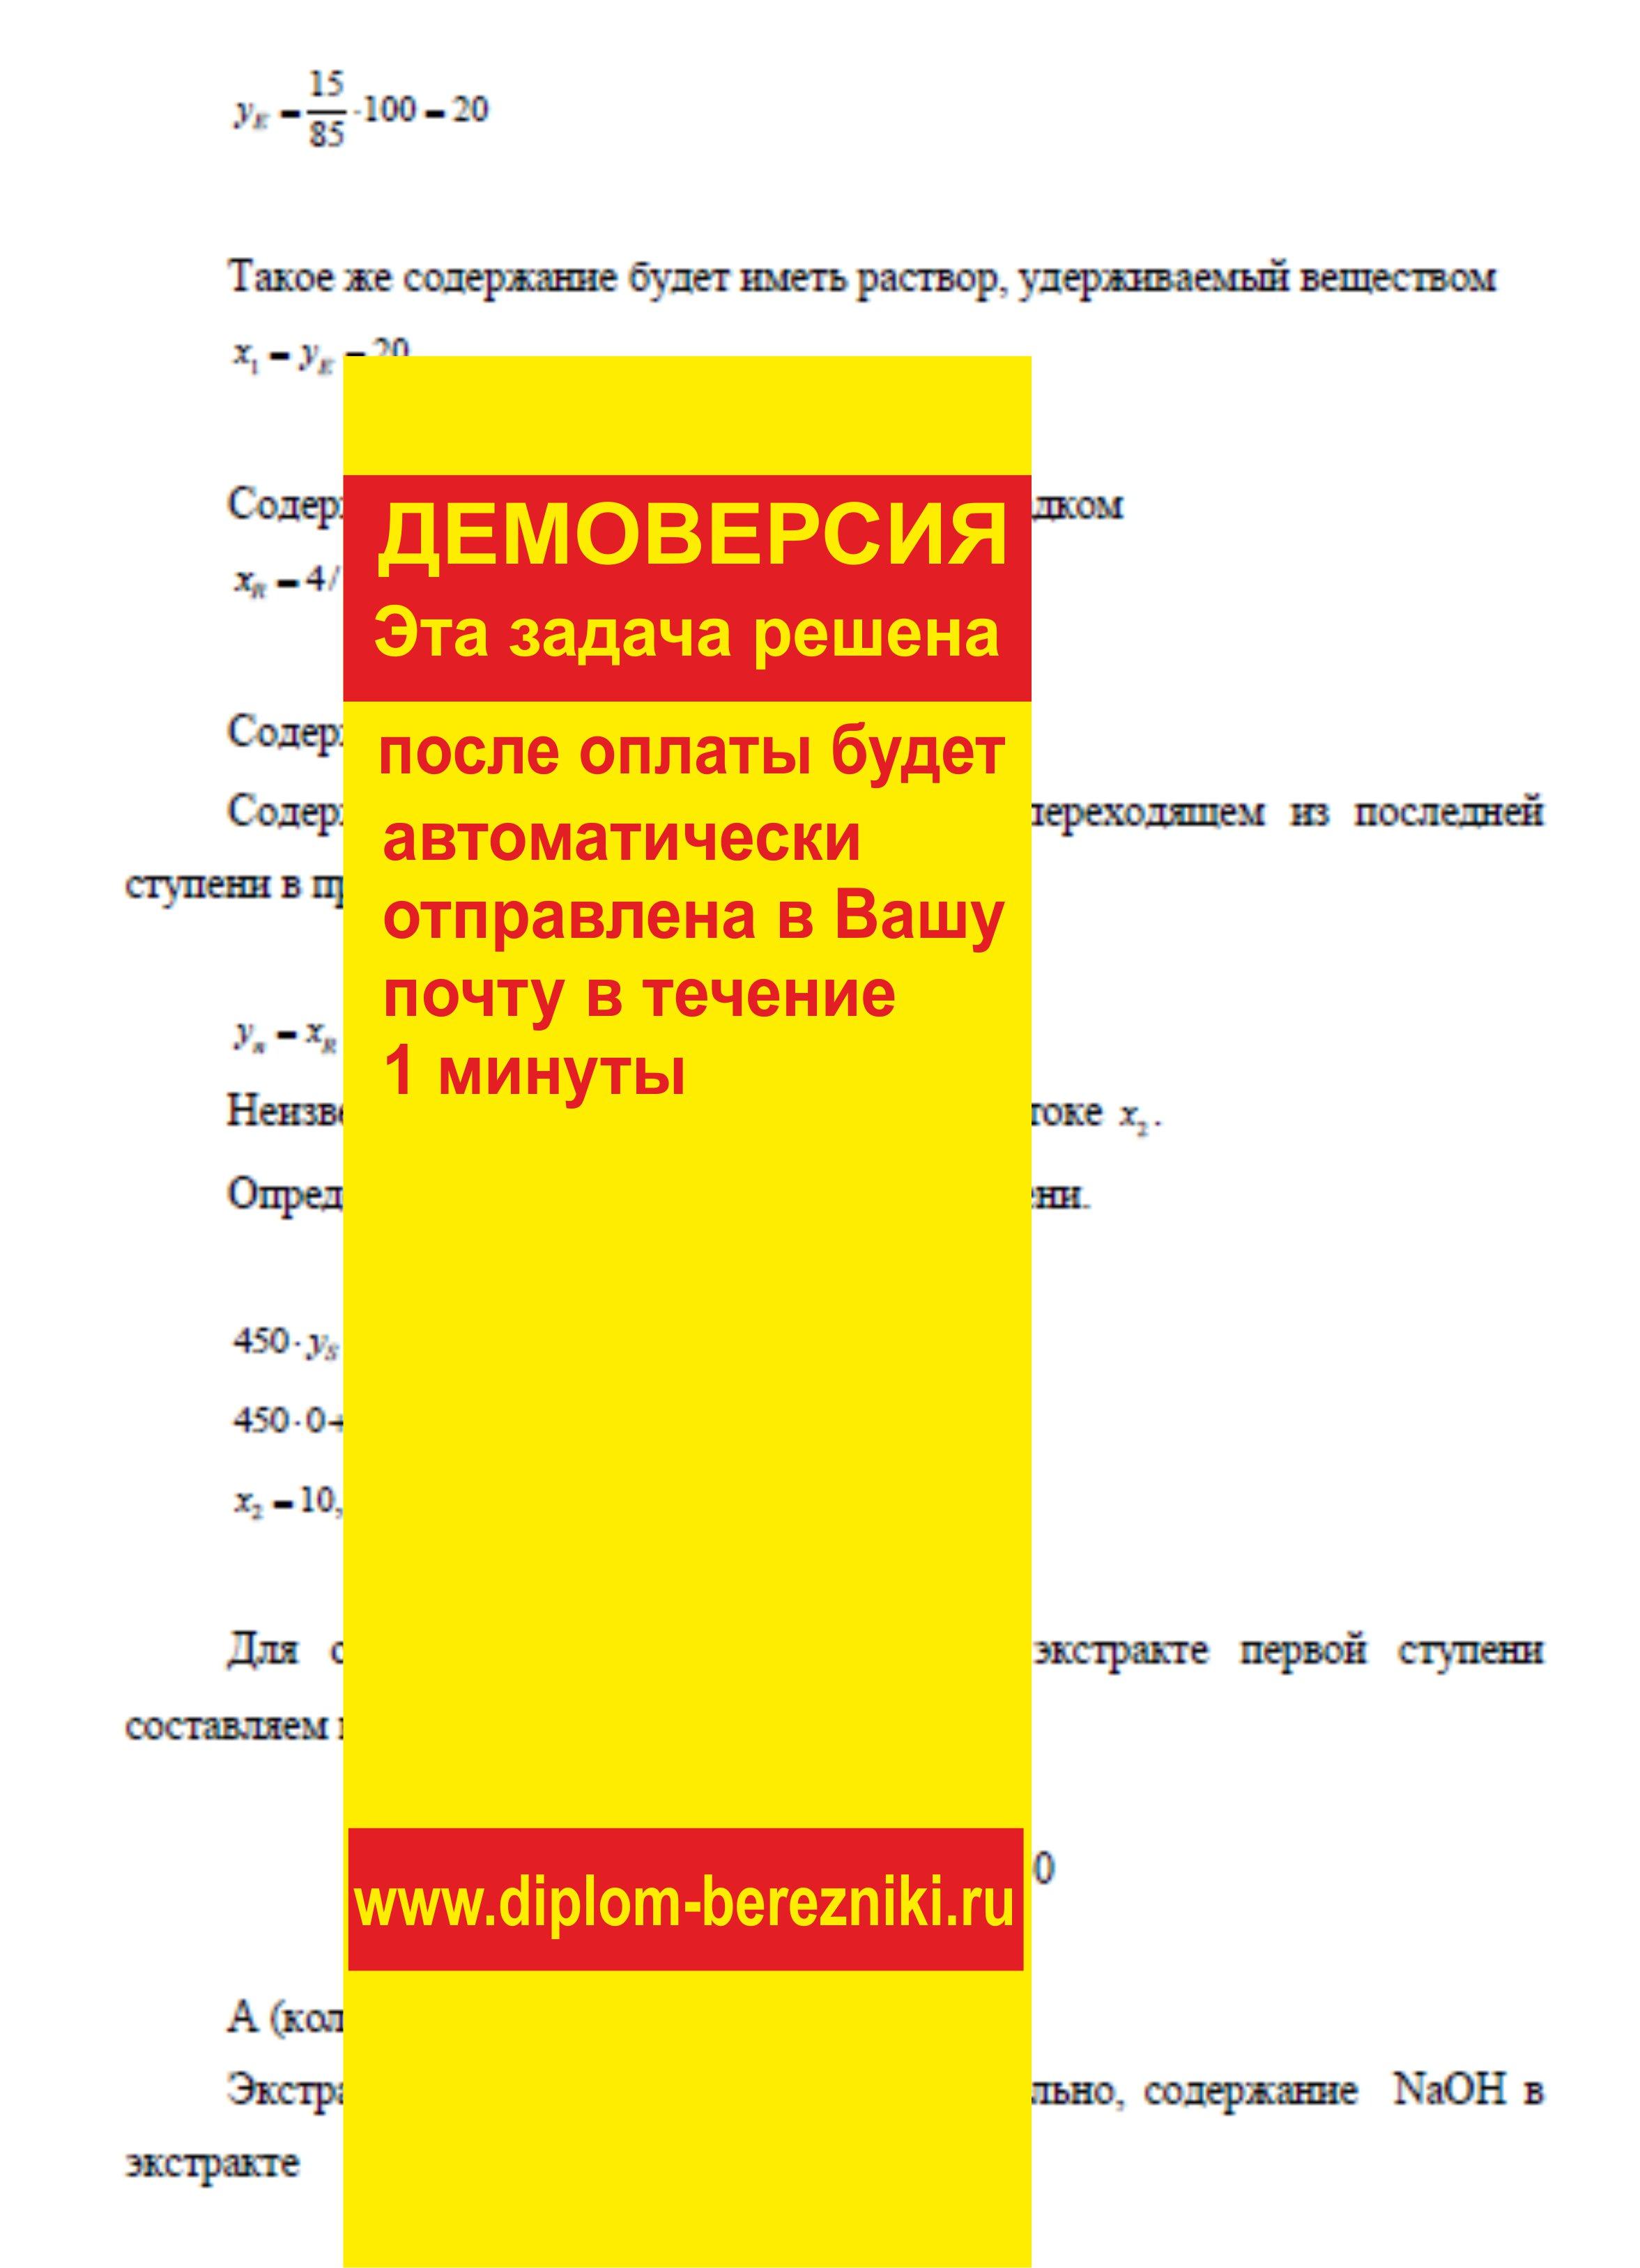 Решение задачи 8.16 по ПАХТ из задачника Павлова Романкова Носкова